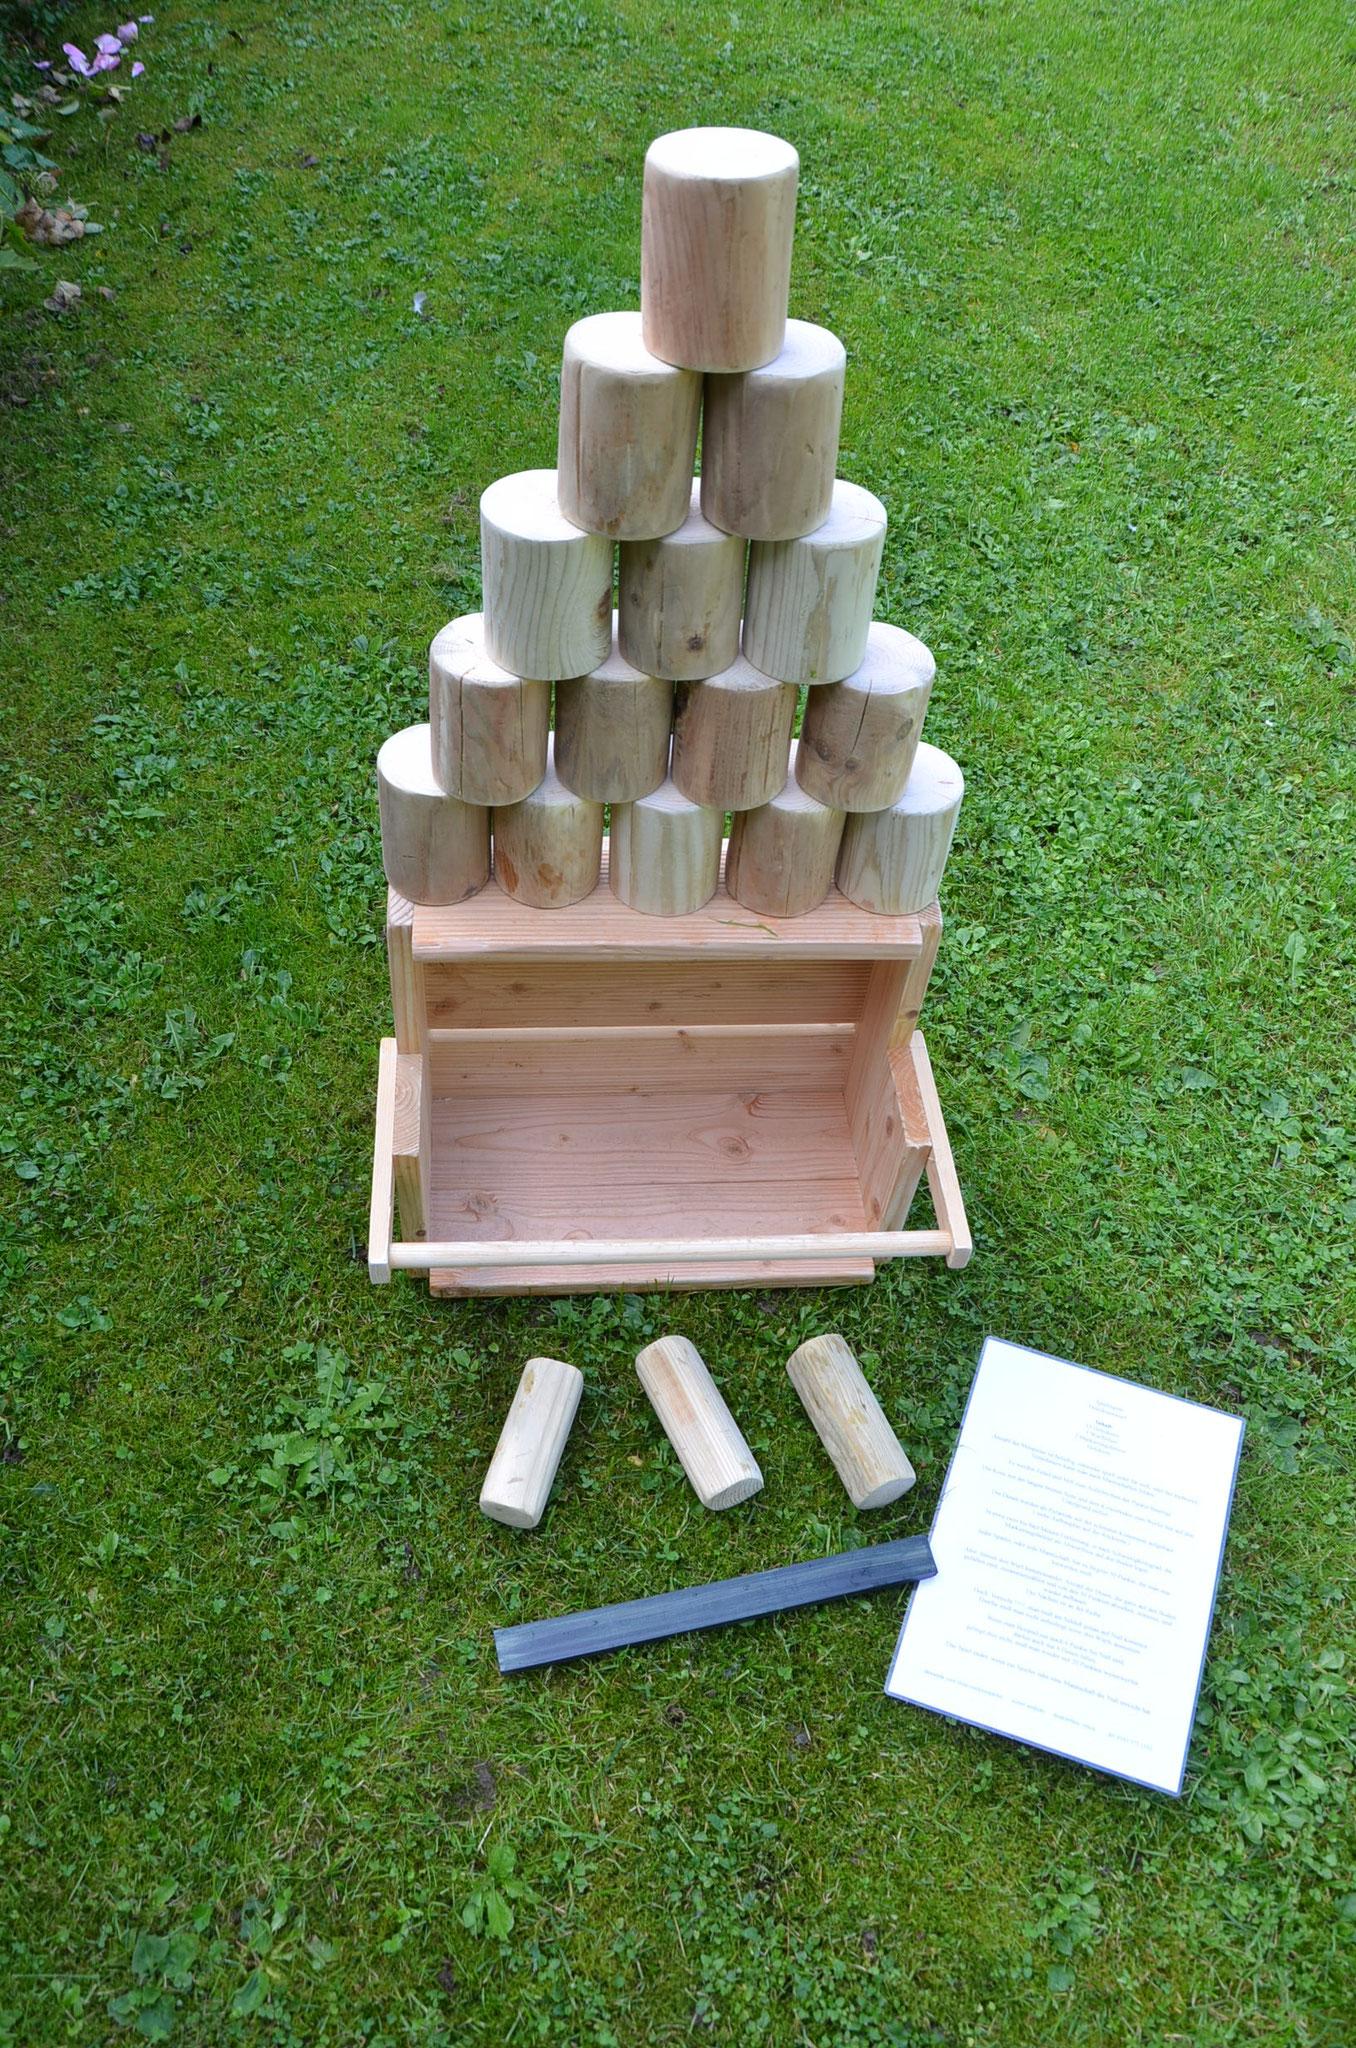 Meine Outdoorspiele: Holzdosenwerfen natur